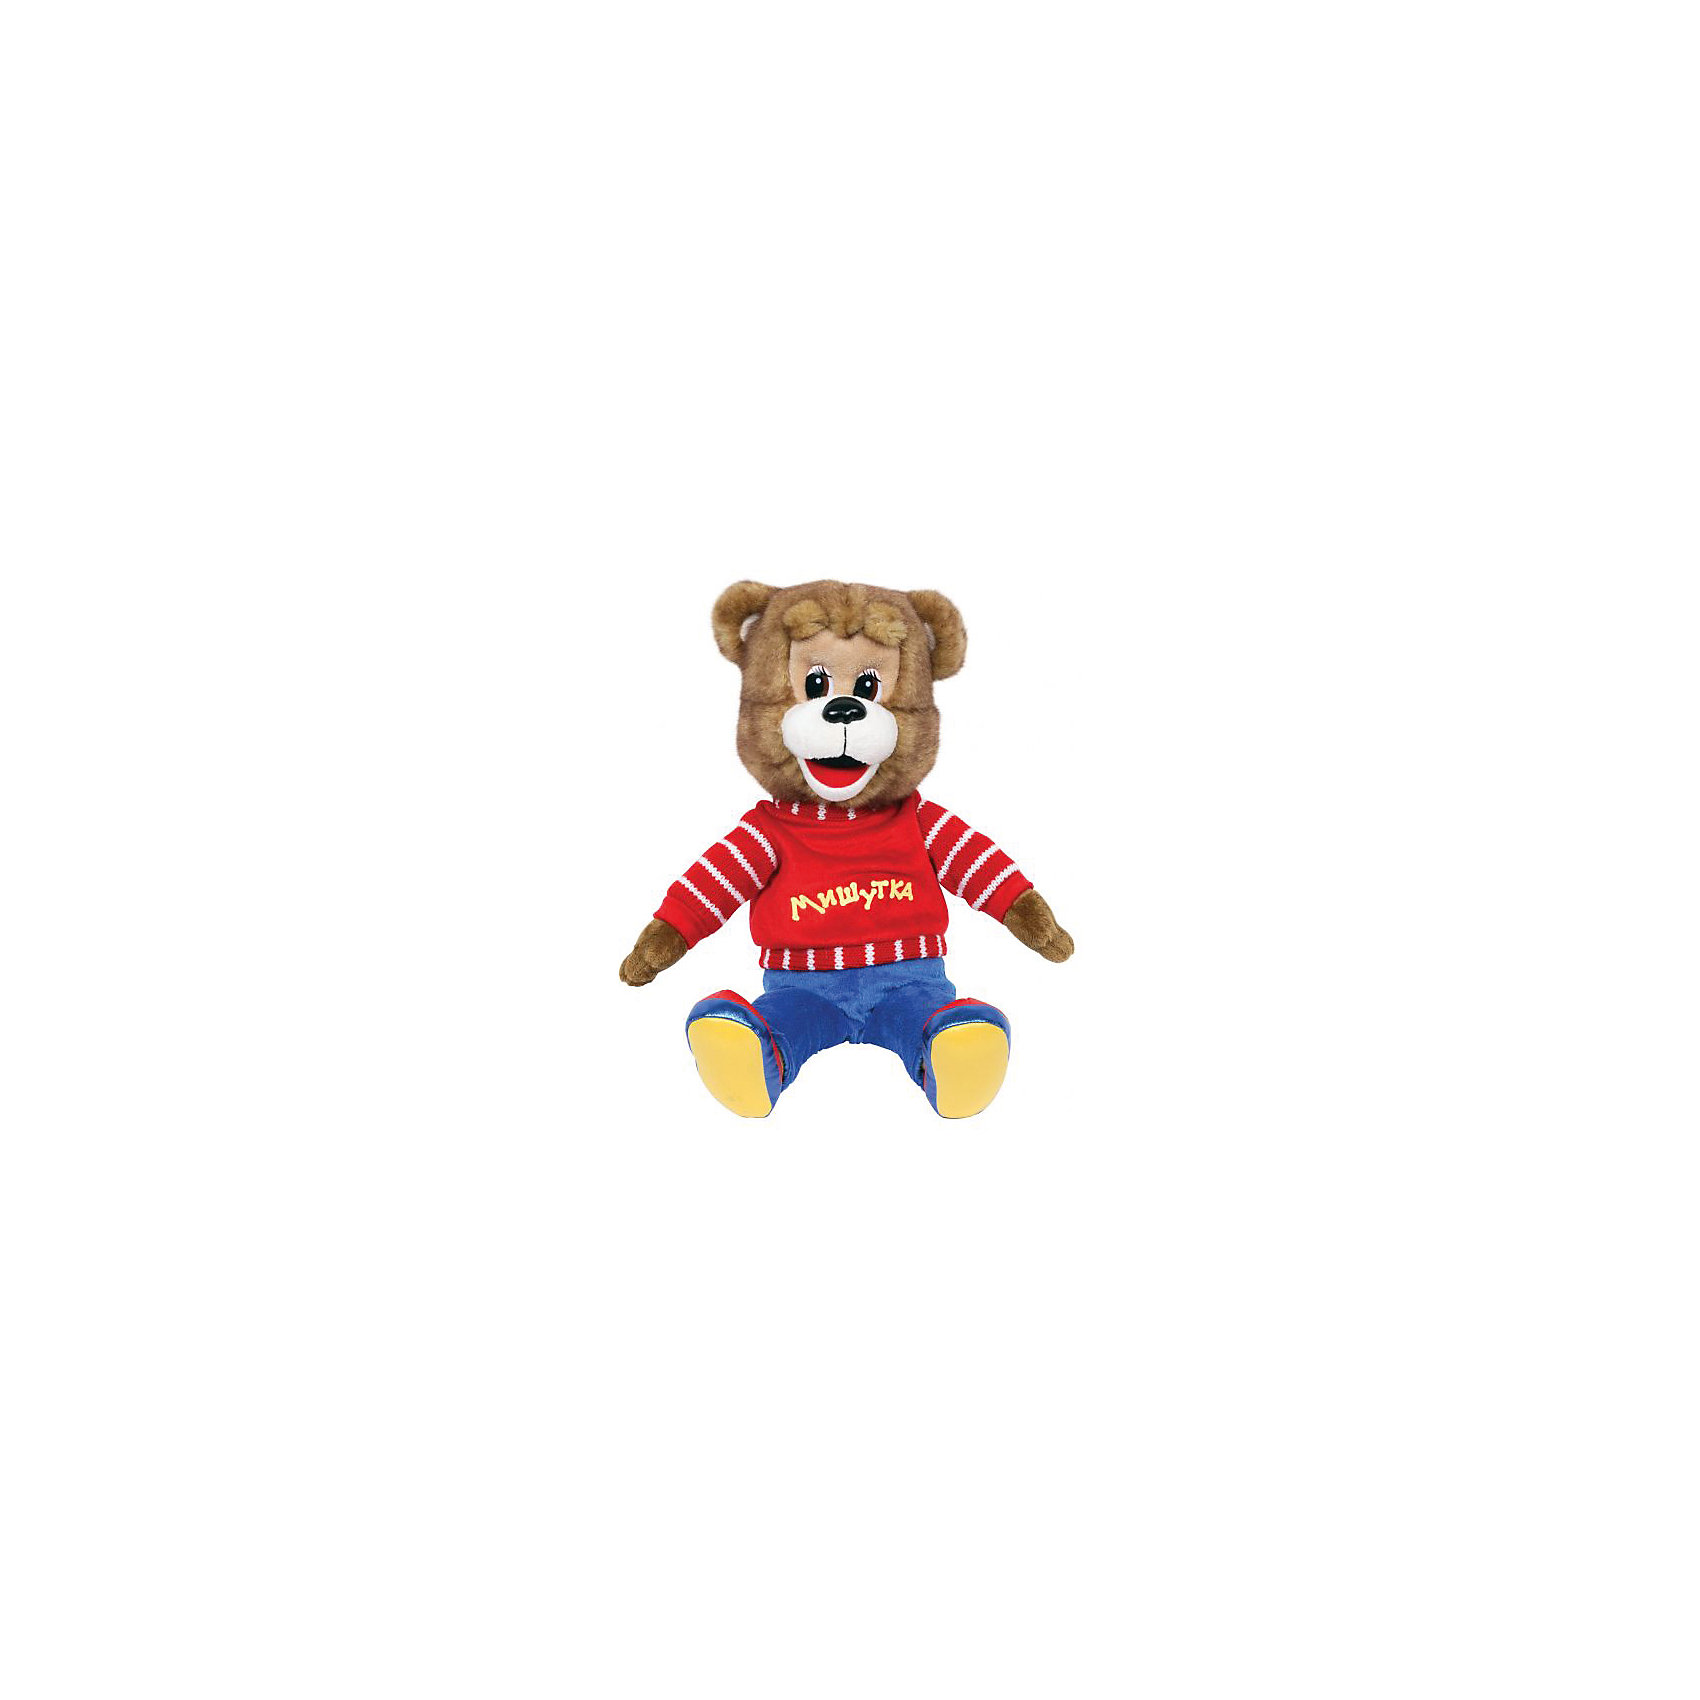 МУЛЬТИ-ПУЛЬТИ Мягкая игрушка Мишутка, 23 см, со звуком, МУЛЬТИ-ПУЛЬТИ мульти пульти коза дереза 23 см со звуком мульти пульти